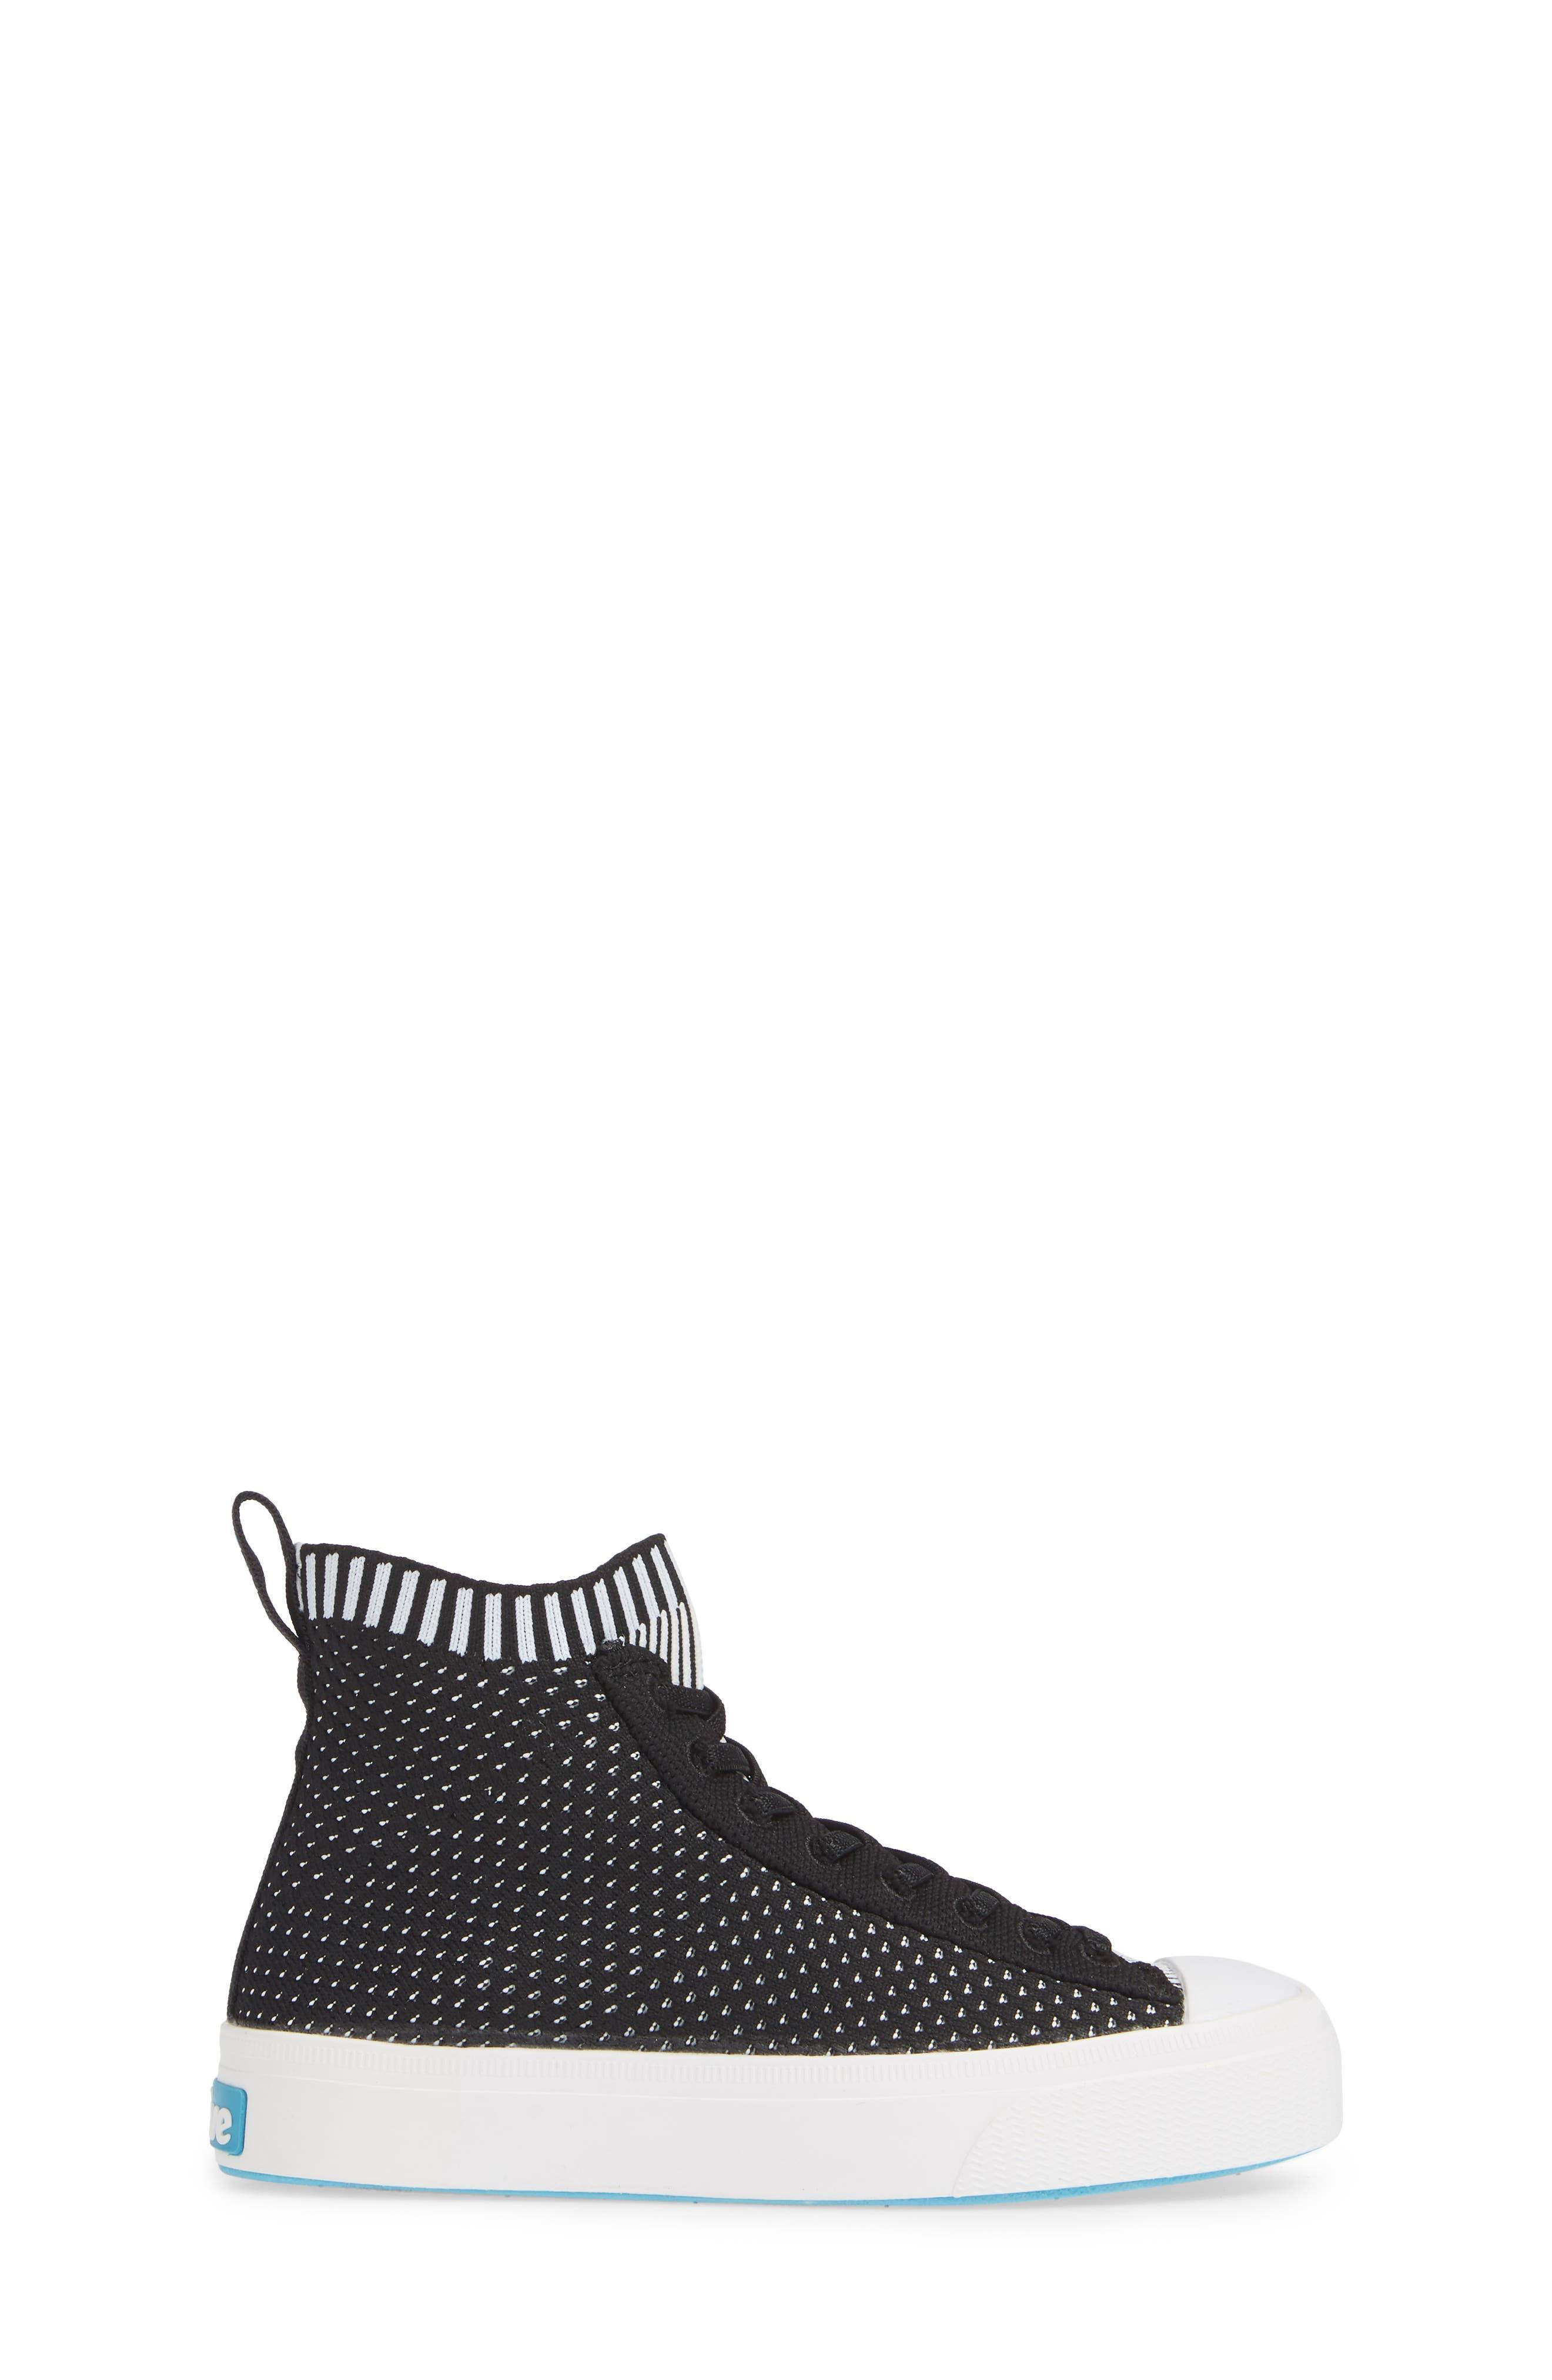 Jefferson 2.0 LiteKnit Vegan High Top Sneaker,                             Alternate thumbnail 3, color,                             JIFFY BLACK/ SHELL WHITE